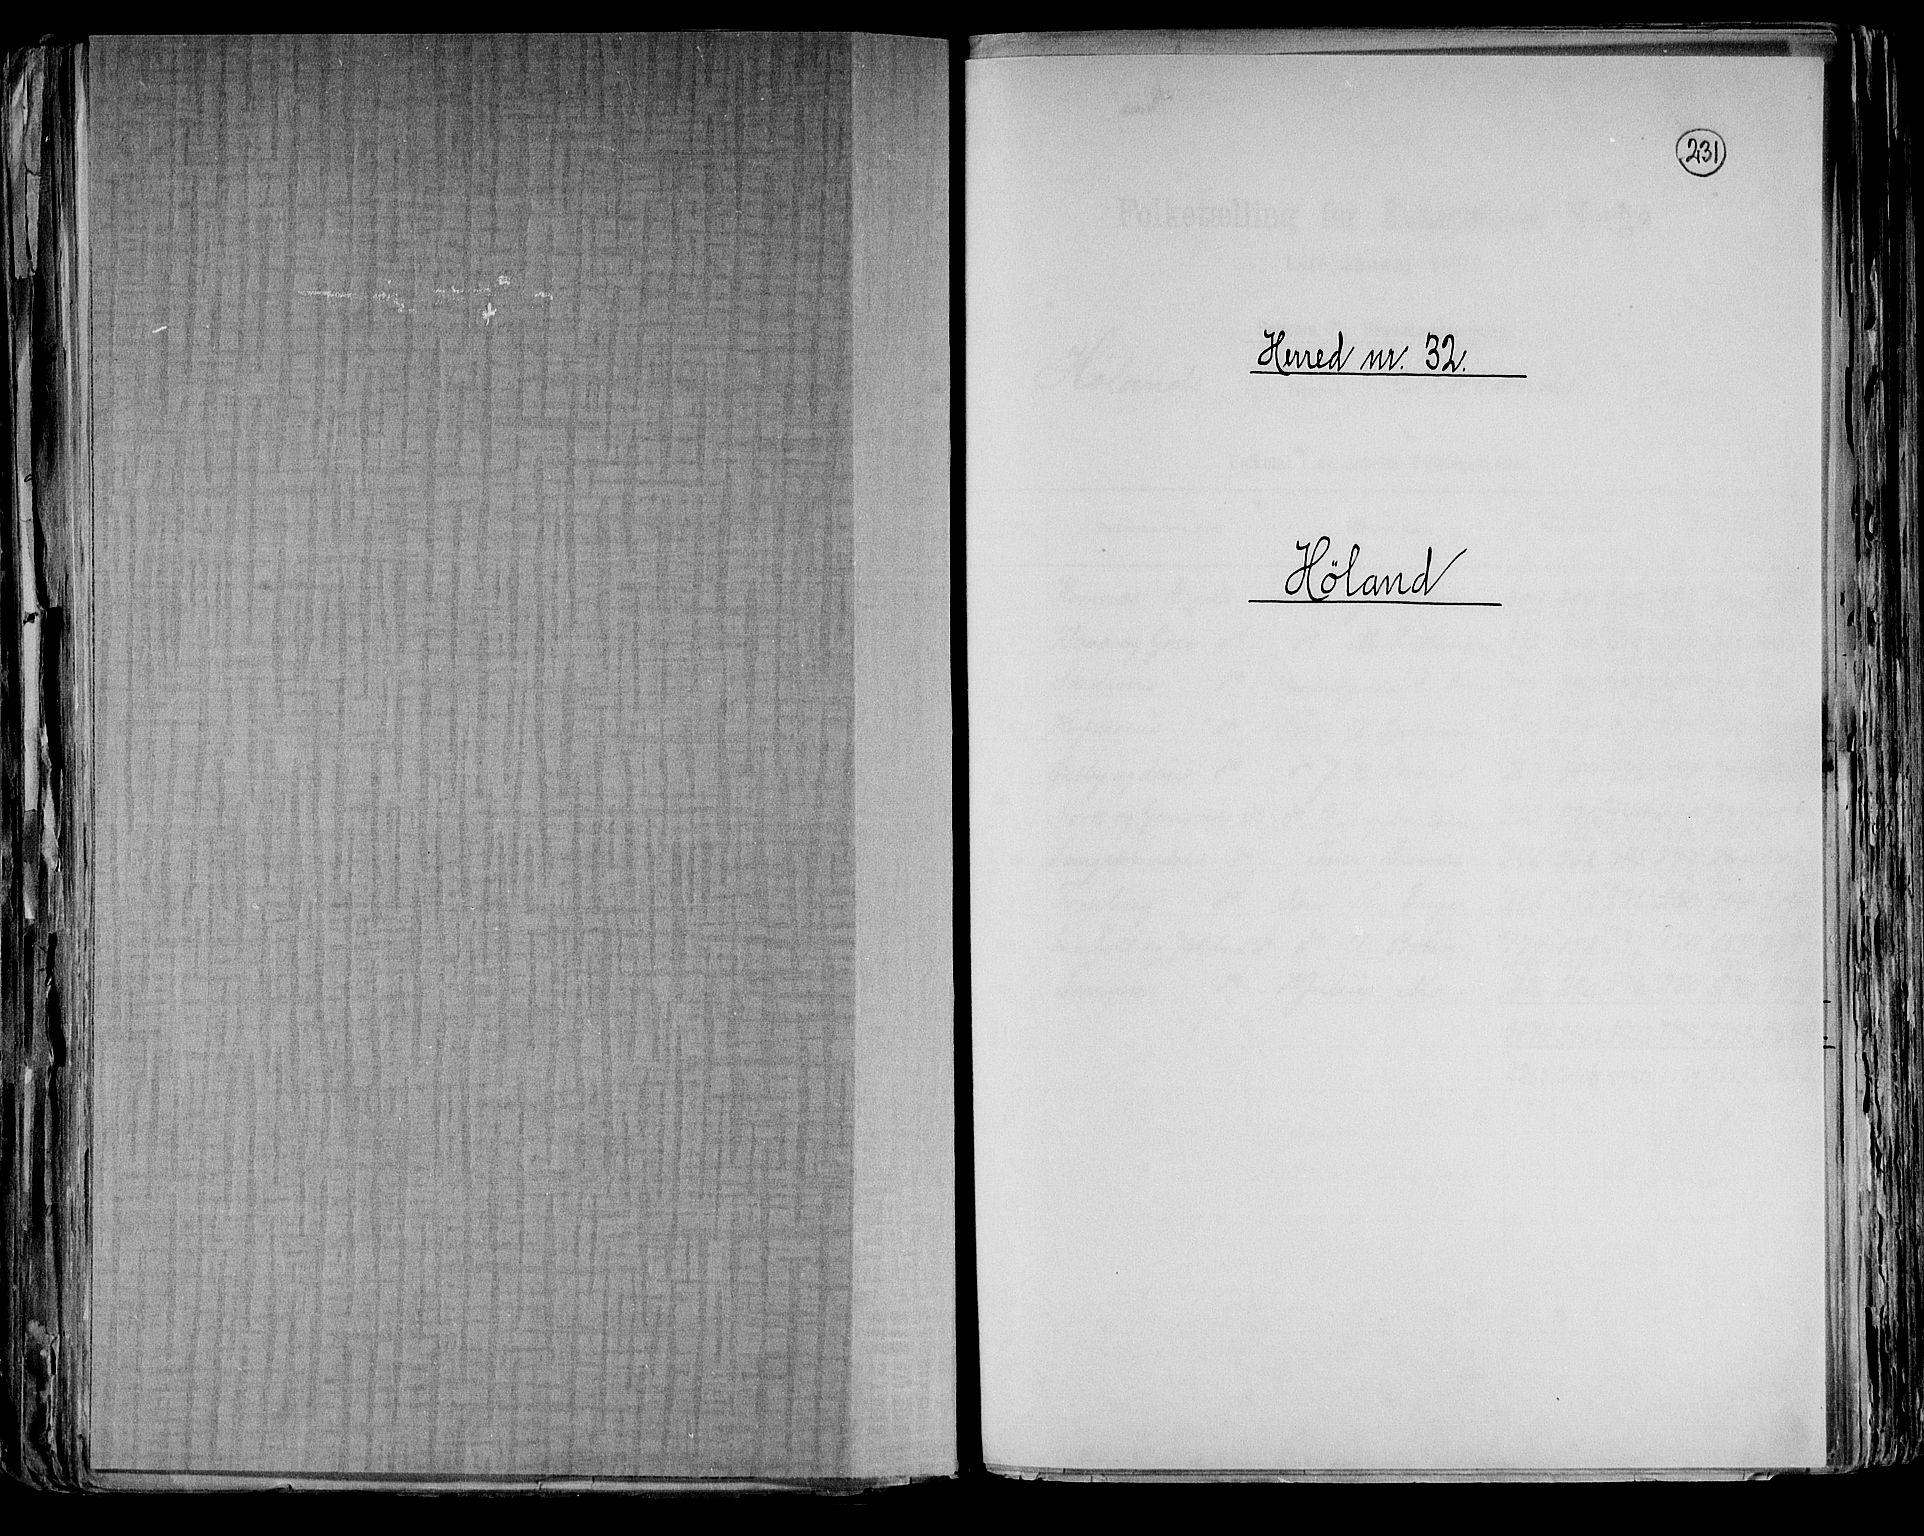 RA, Folketelling 1891 for 0221 Høland herred, 1891, s. 1